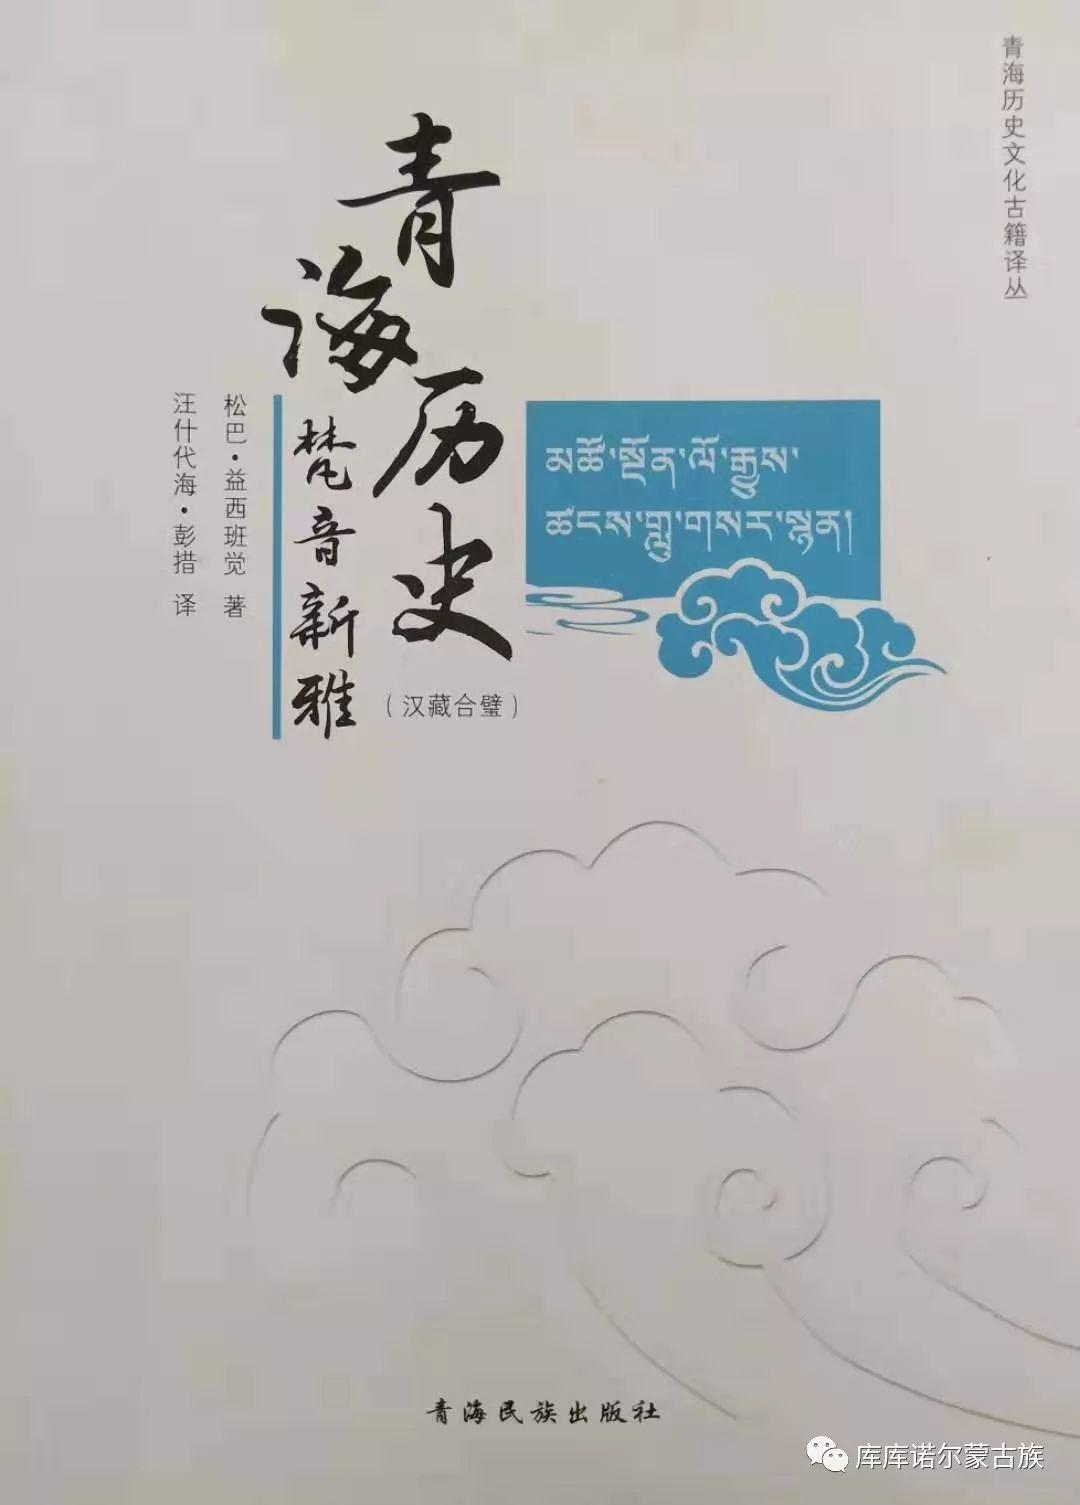 蒙古族藏文佛教历史著作及其特征 第9张 蒙古族藏文佛教历史著作及其特征 蒙古文化